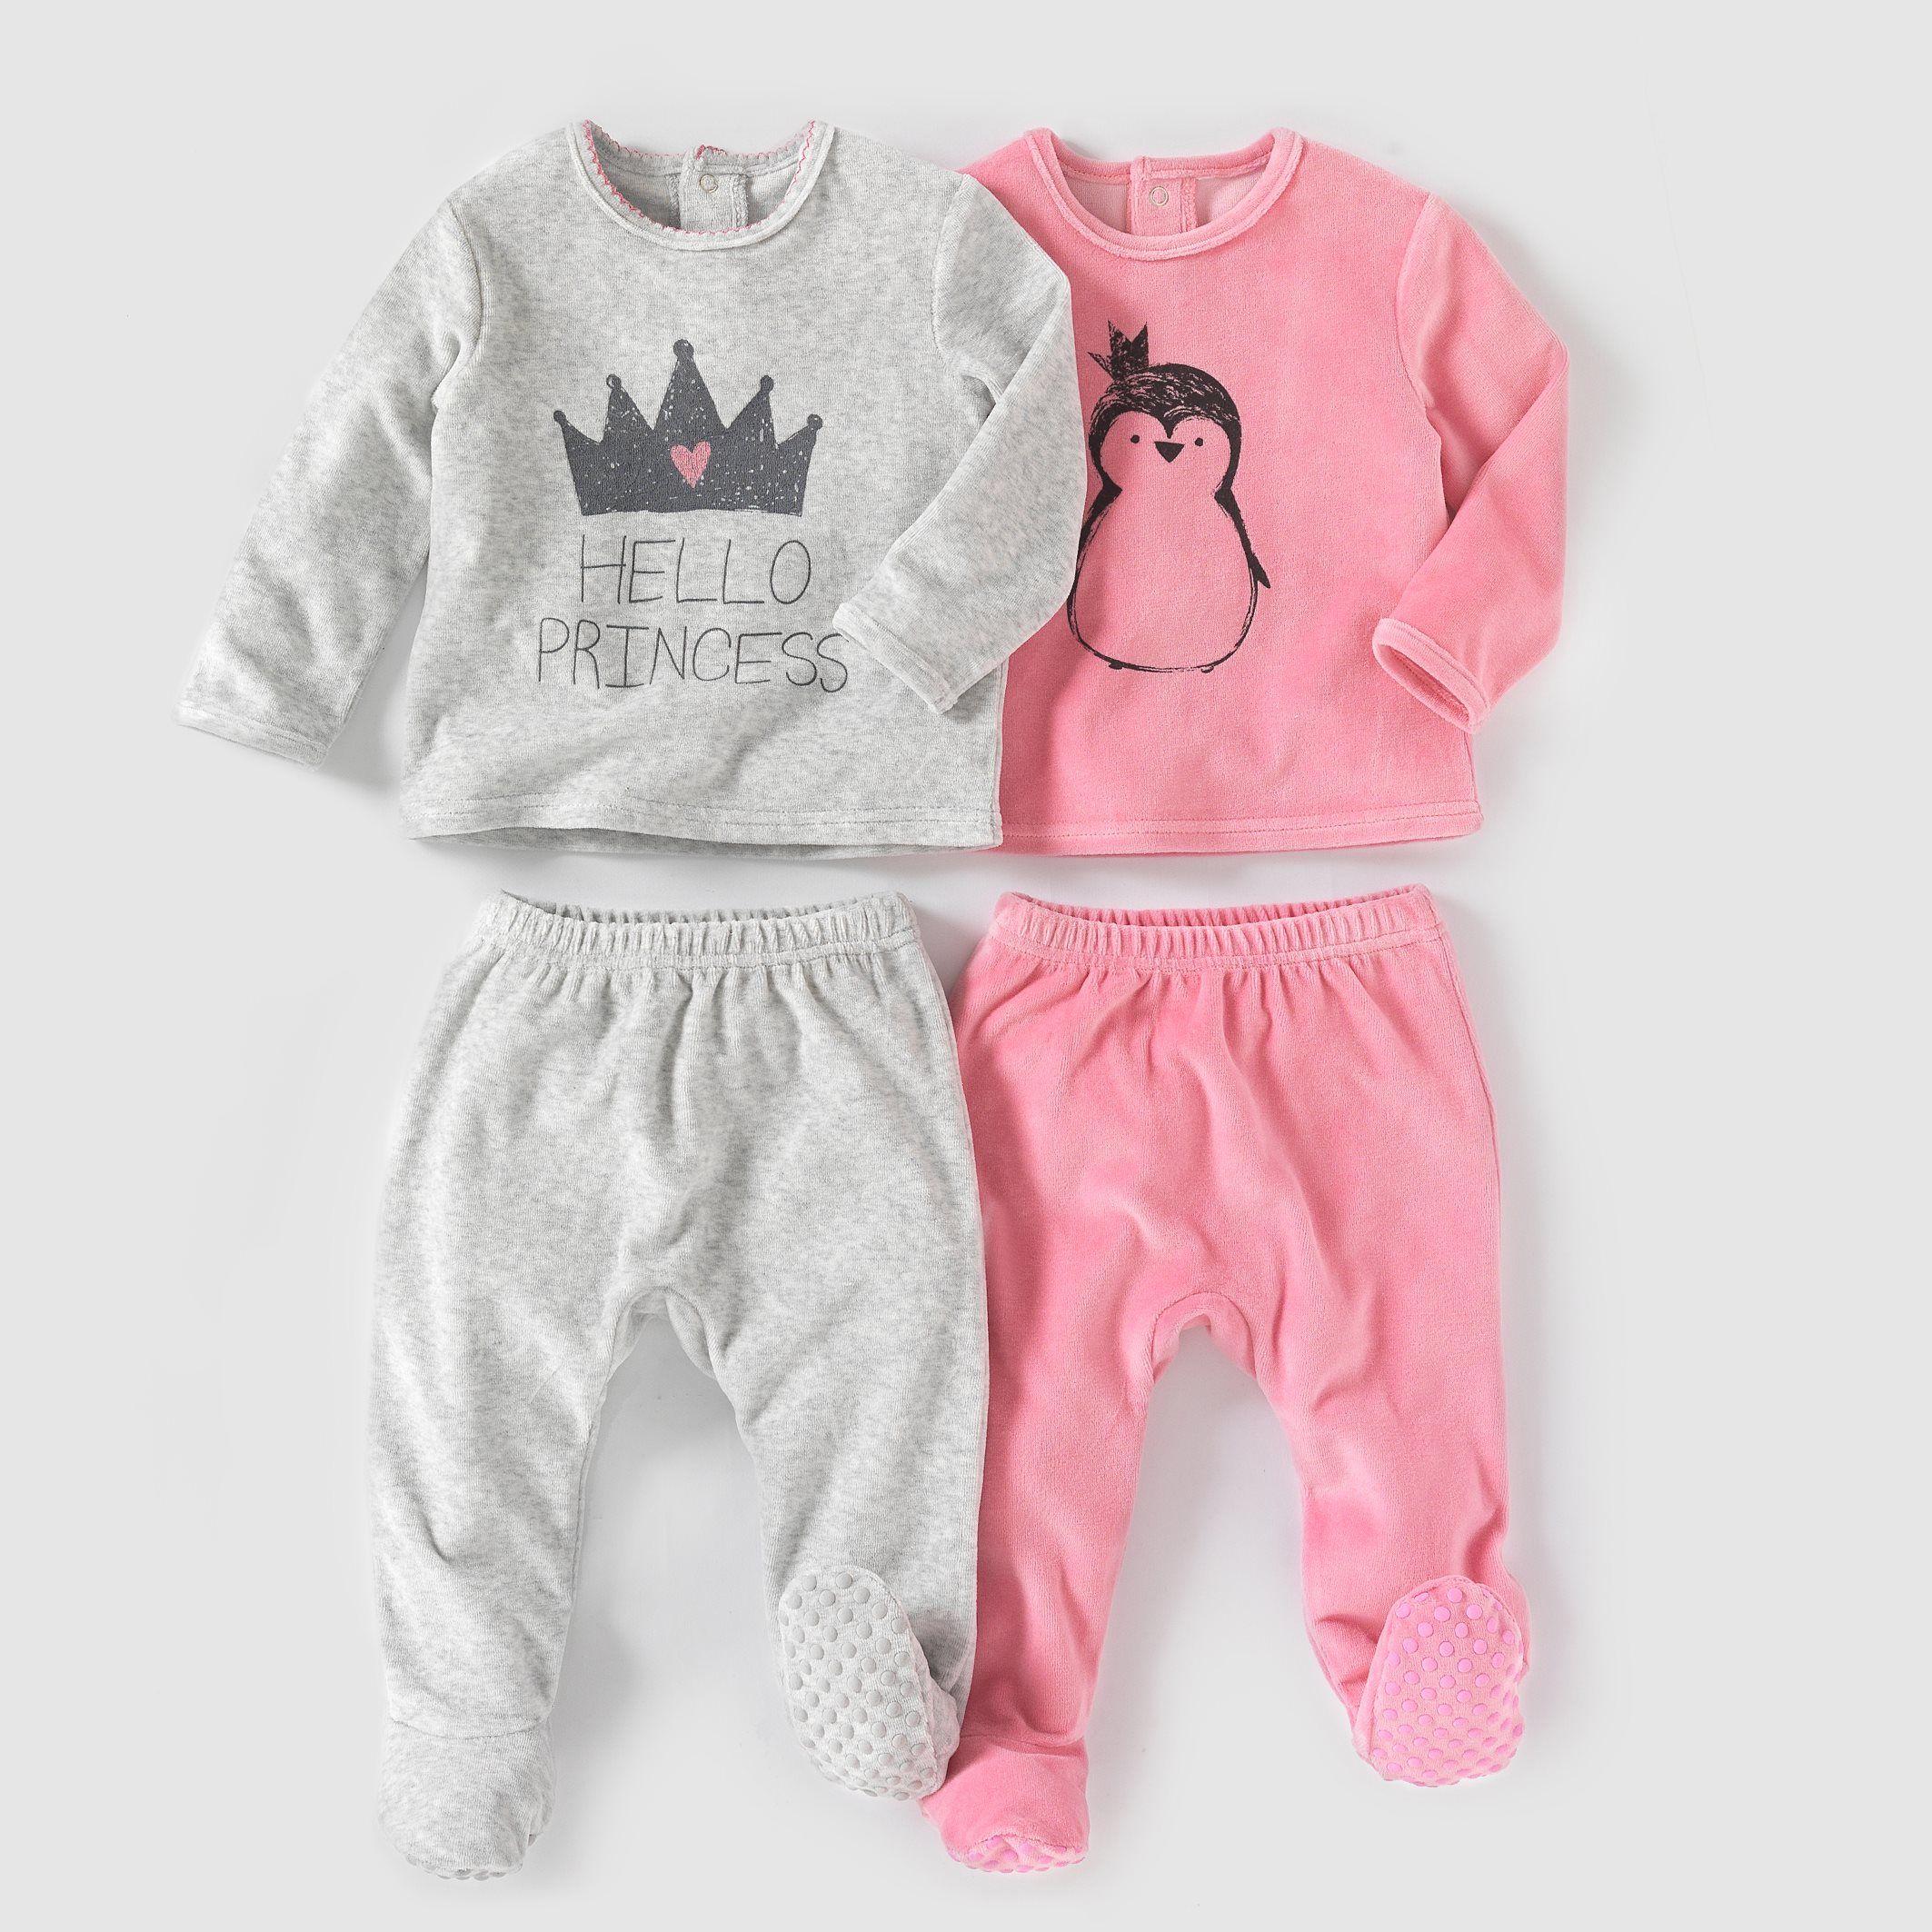 cdc180aa6432f Pyjama 2 pièces velours (lot de 2) 0 mois-3 ans R Mini rose gris +  gris rose